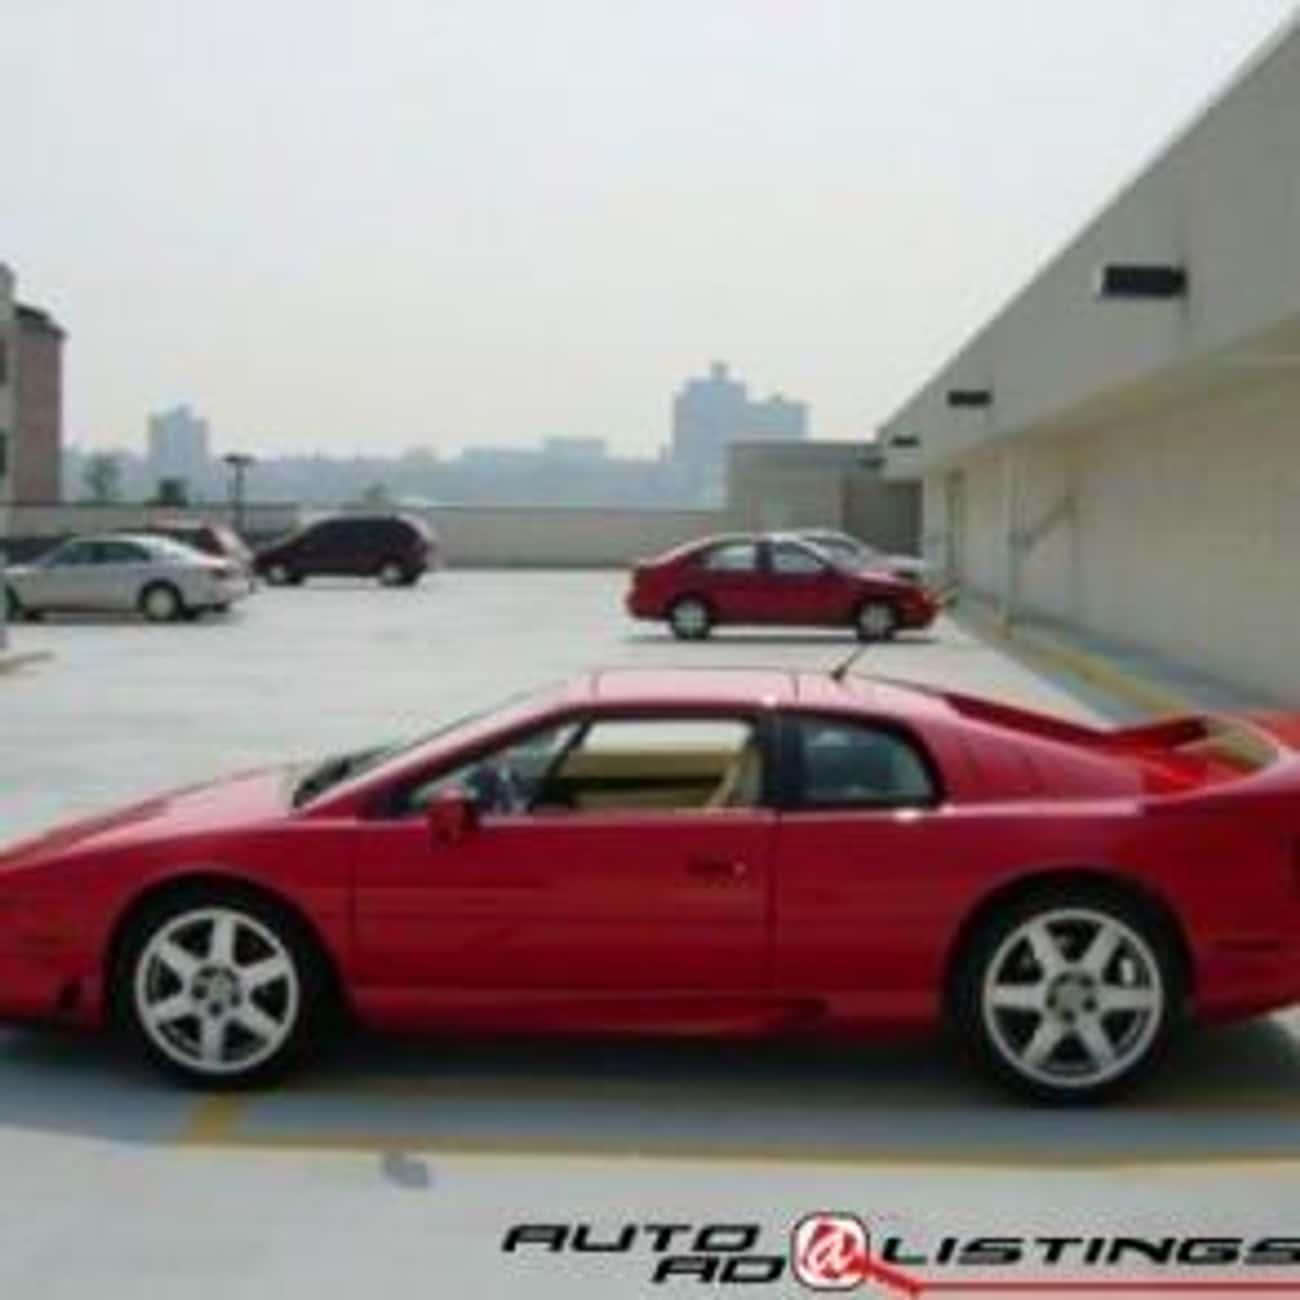 1995 Lotus Esprit Turbo